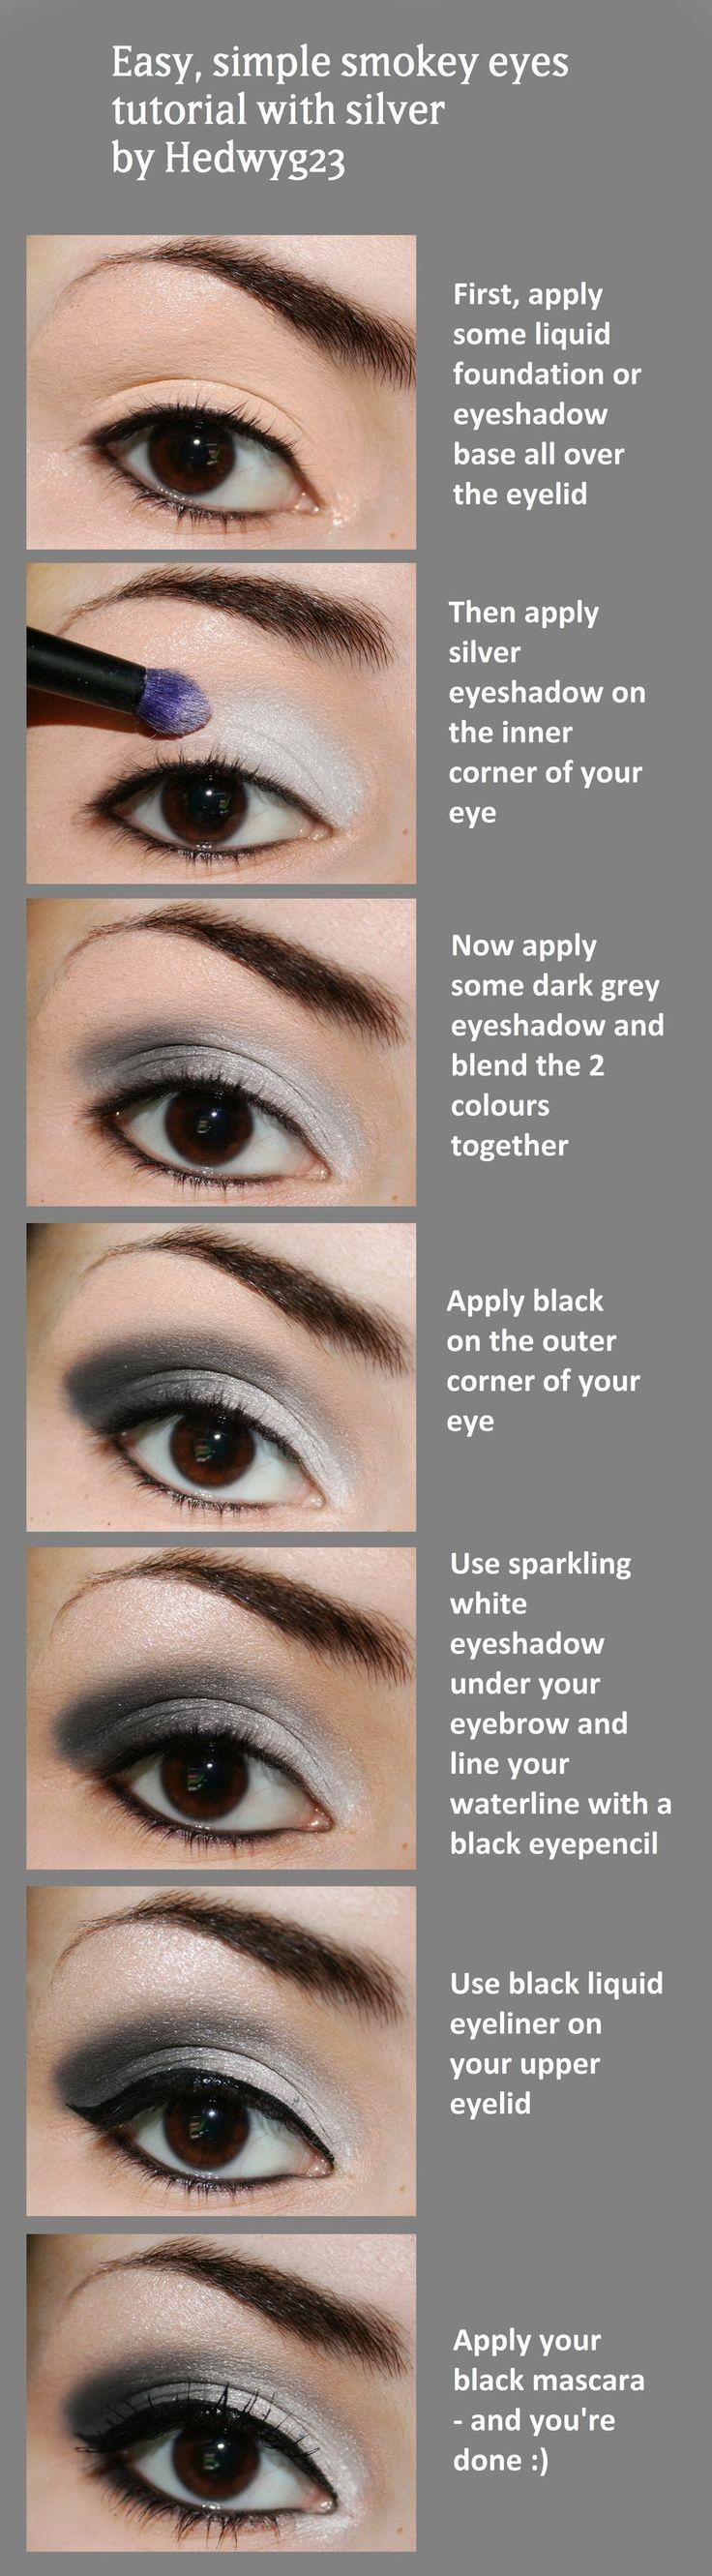 Smokey eyes tutorial.